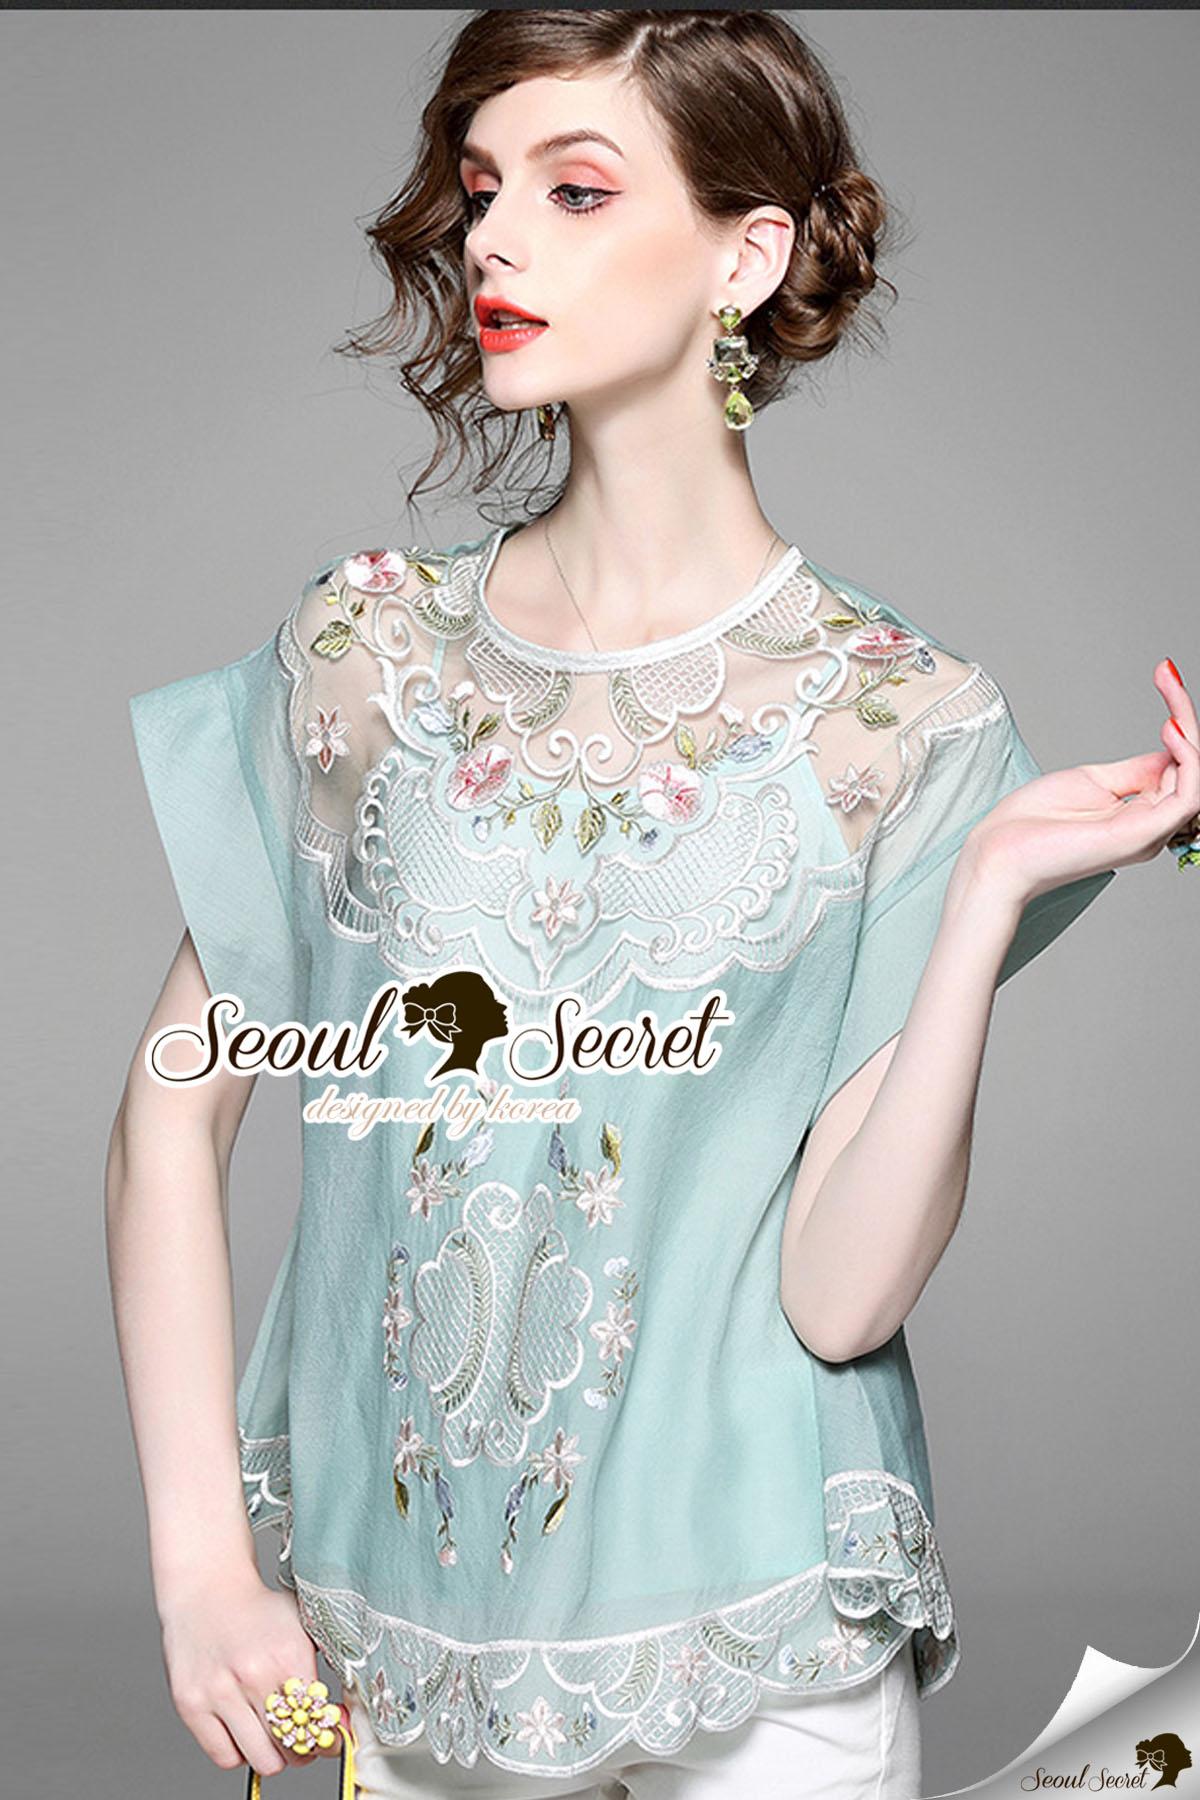 Seoul Secret Say's... Silverry Stick Perforate Blossom Blous เสื้อคอกลมสวยด้วยงานปักแต่งประดับเป็นลายดอกไม้ประดับทั้งตัว ช่วงอกเย็บแต่งด้วยผ้าซีทรู โทนสีหวานพาสเทลๆ